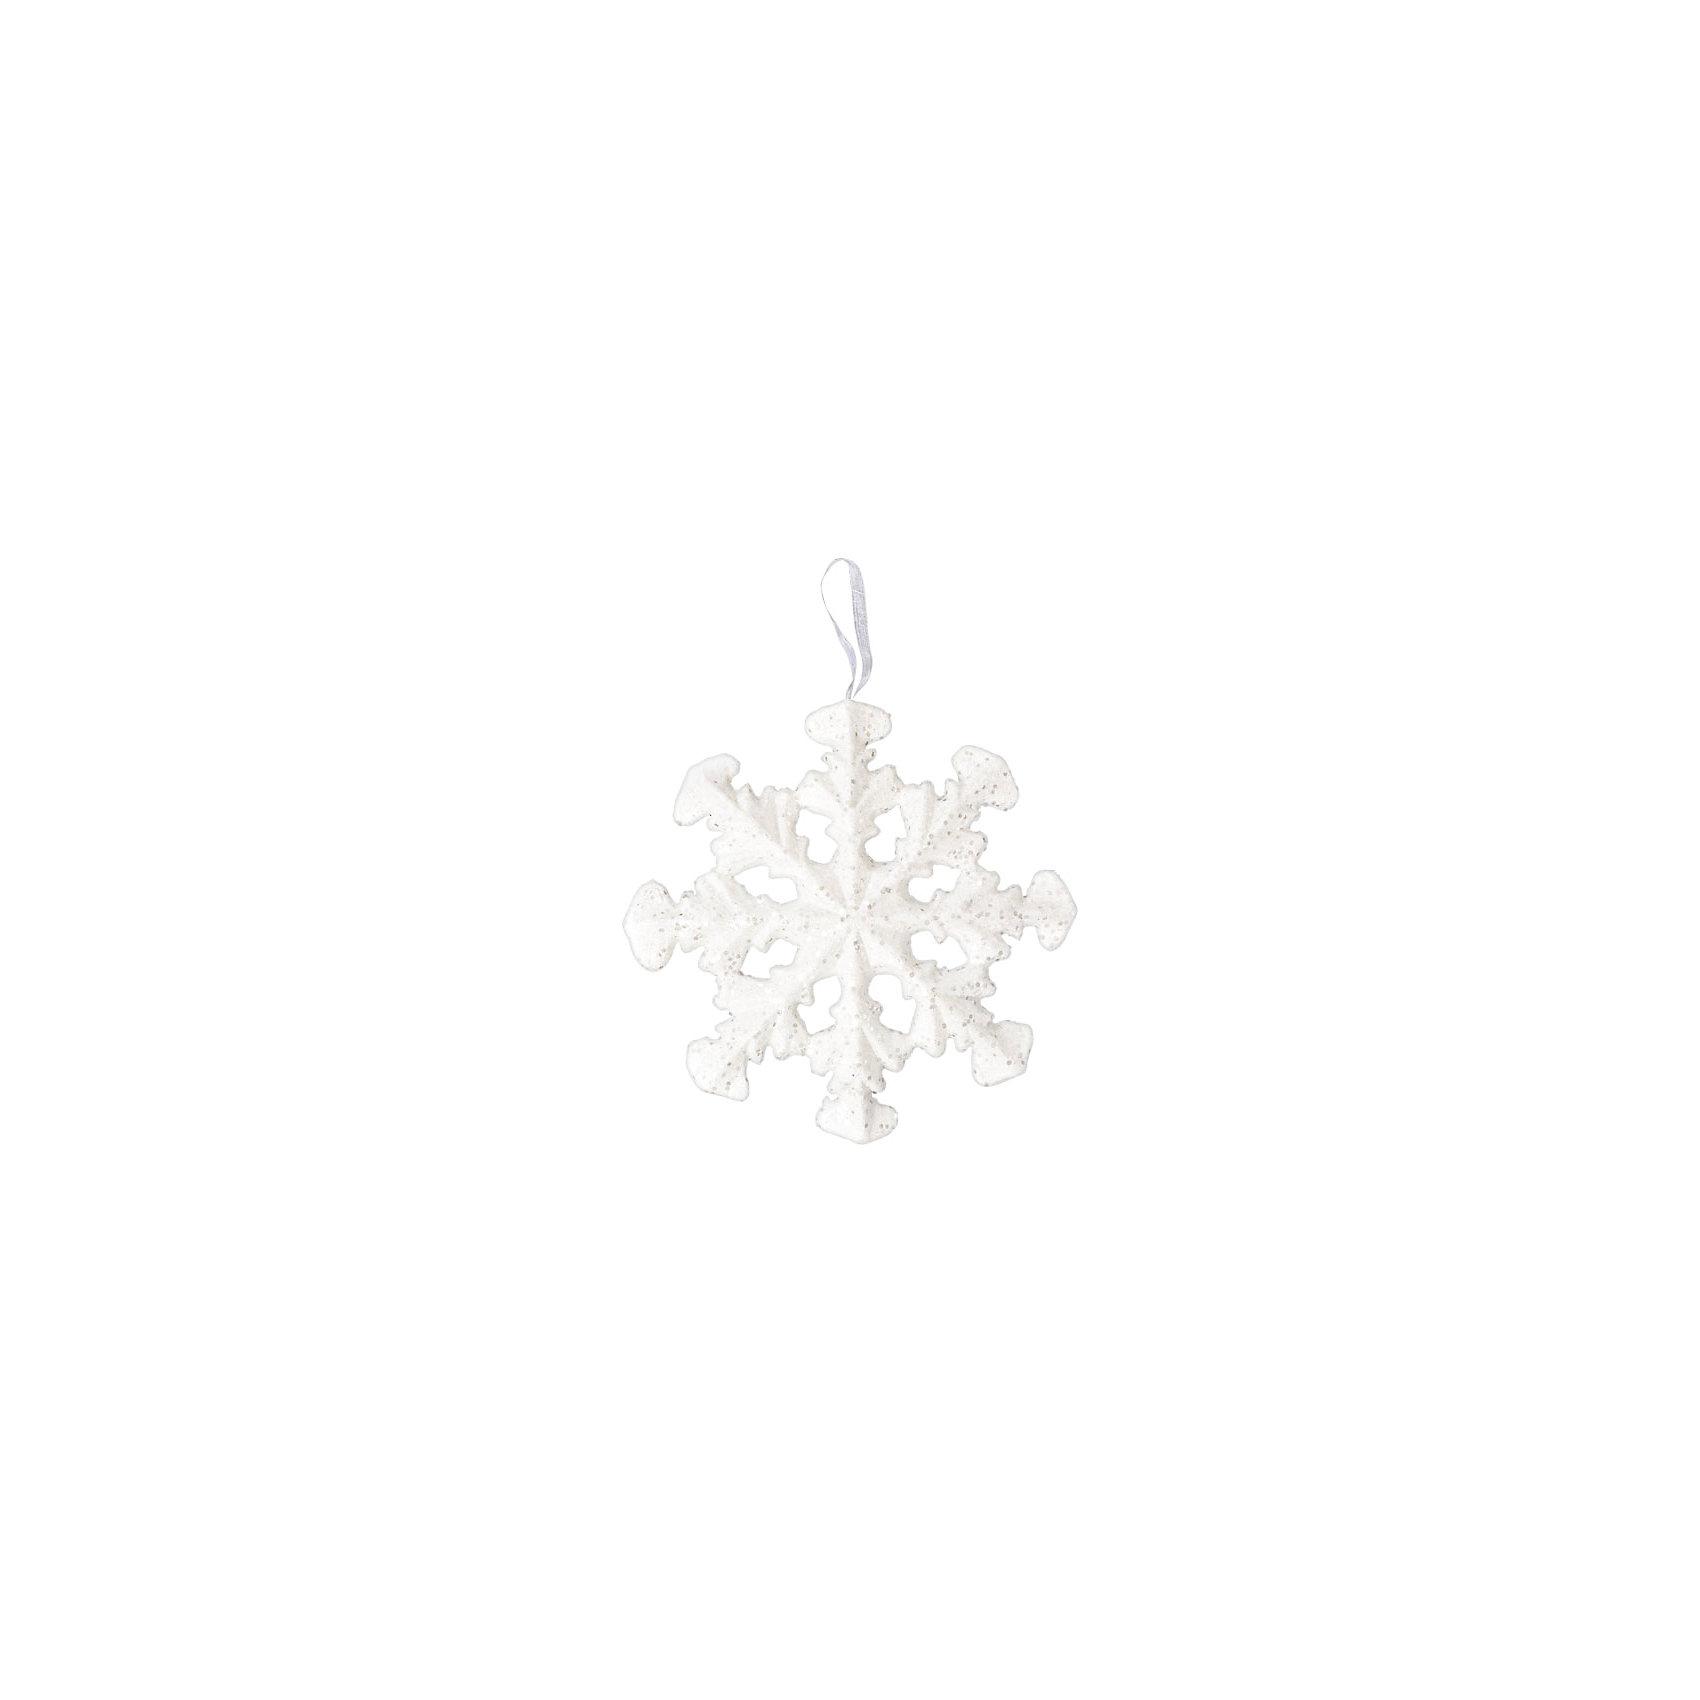 Подвесное украшение СнежинкаНовинки Новый Год<br>Подвесное украшение Снежинка - этот новогодний аксессуар создаст праздничное настроение.<br>Оригинальное новогоднее украшение выполнено из пенопласта в виде снежинки белого цвета, украшенной блестками. С помощью ленточки украшение можно повесить в любом понравившемся месте. Подвесное украшение Снежинка принесет в дом волшебство и ощущение праздника. Создайте в своем доме атмосферу веселья и радости!<br><br>Дополнительная информация:<br><br>- Диаметр: 28 см.<br>- Материал: пенопласт<br>- Цвет: белый<br><br>Подвесное украшение Снежинка можно купить в нашем интернет-магазине.<br><br>Ширина мм: 20<br>Глубина мм: 280<br>Высота мм: 280<br>Вес г: 40<br>Возраст от месяцев: 36<br>Возраст до месяцев: 1188<br>Пол: Унисекс<br>Возраст: Детский<br>SKU: 4262264